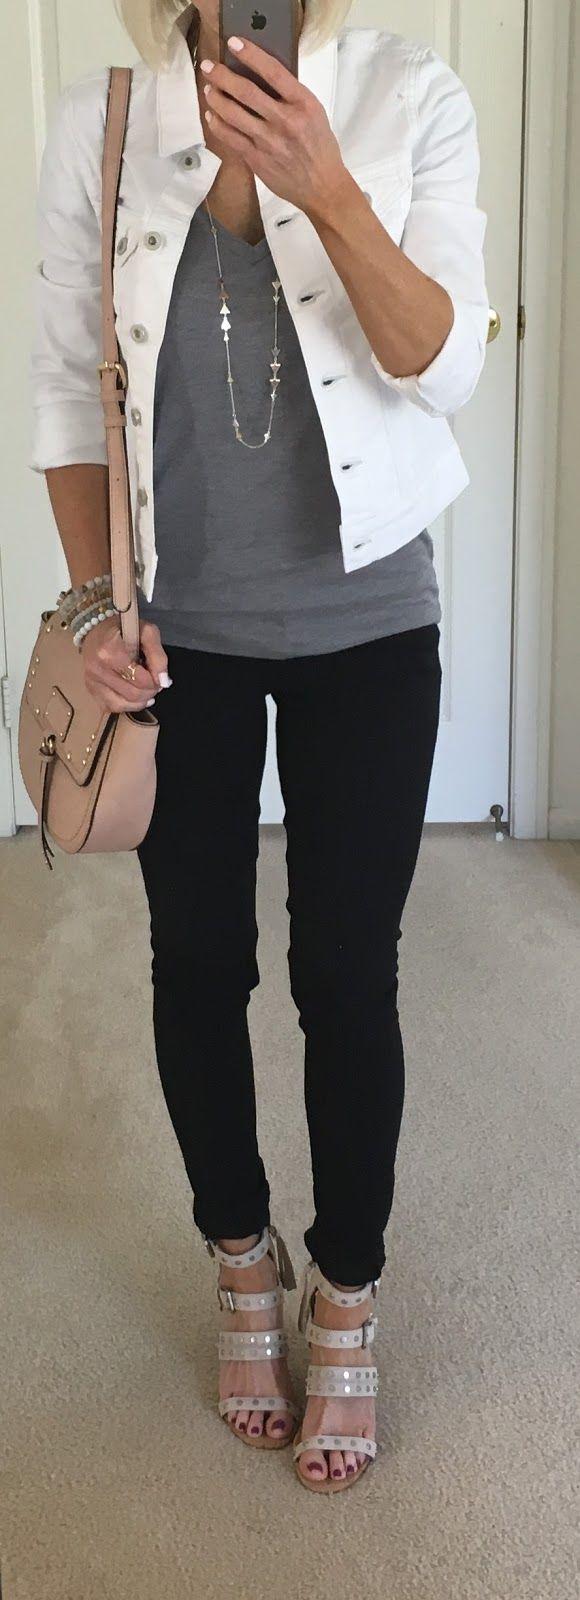 6.5.17+white+denim+jacket+grey+tee.JPG 580×1,600 pixels